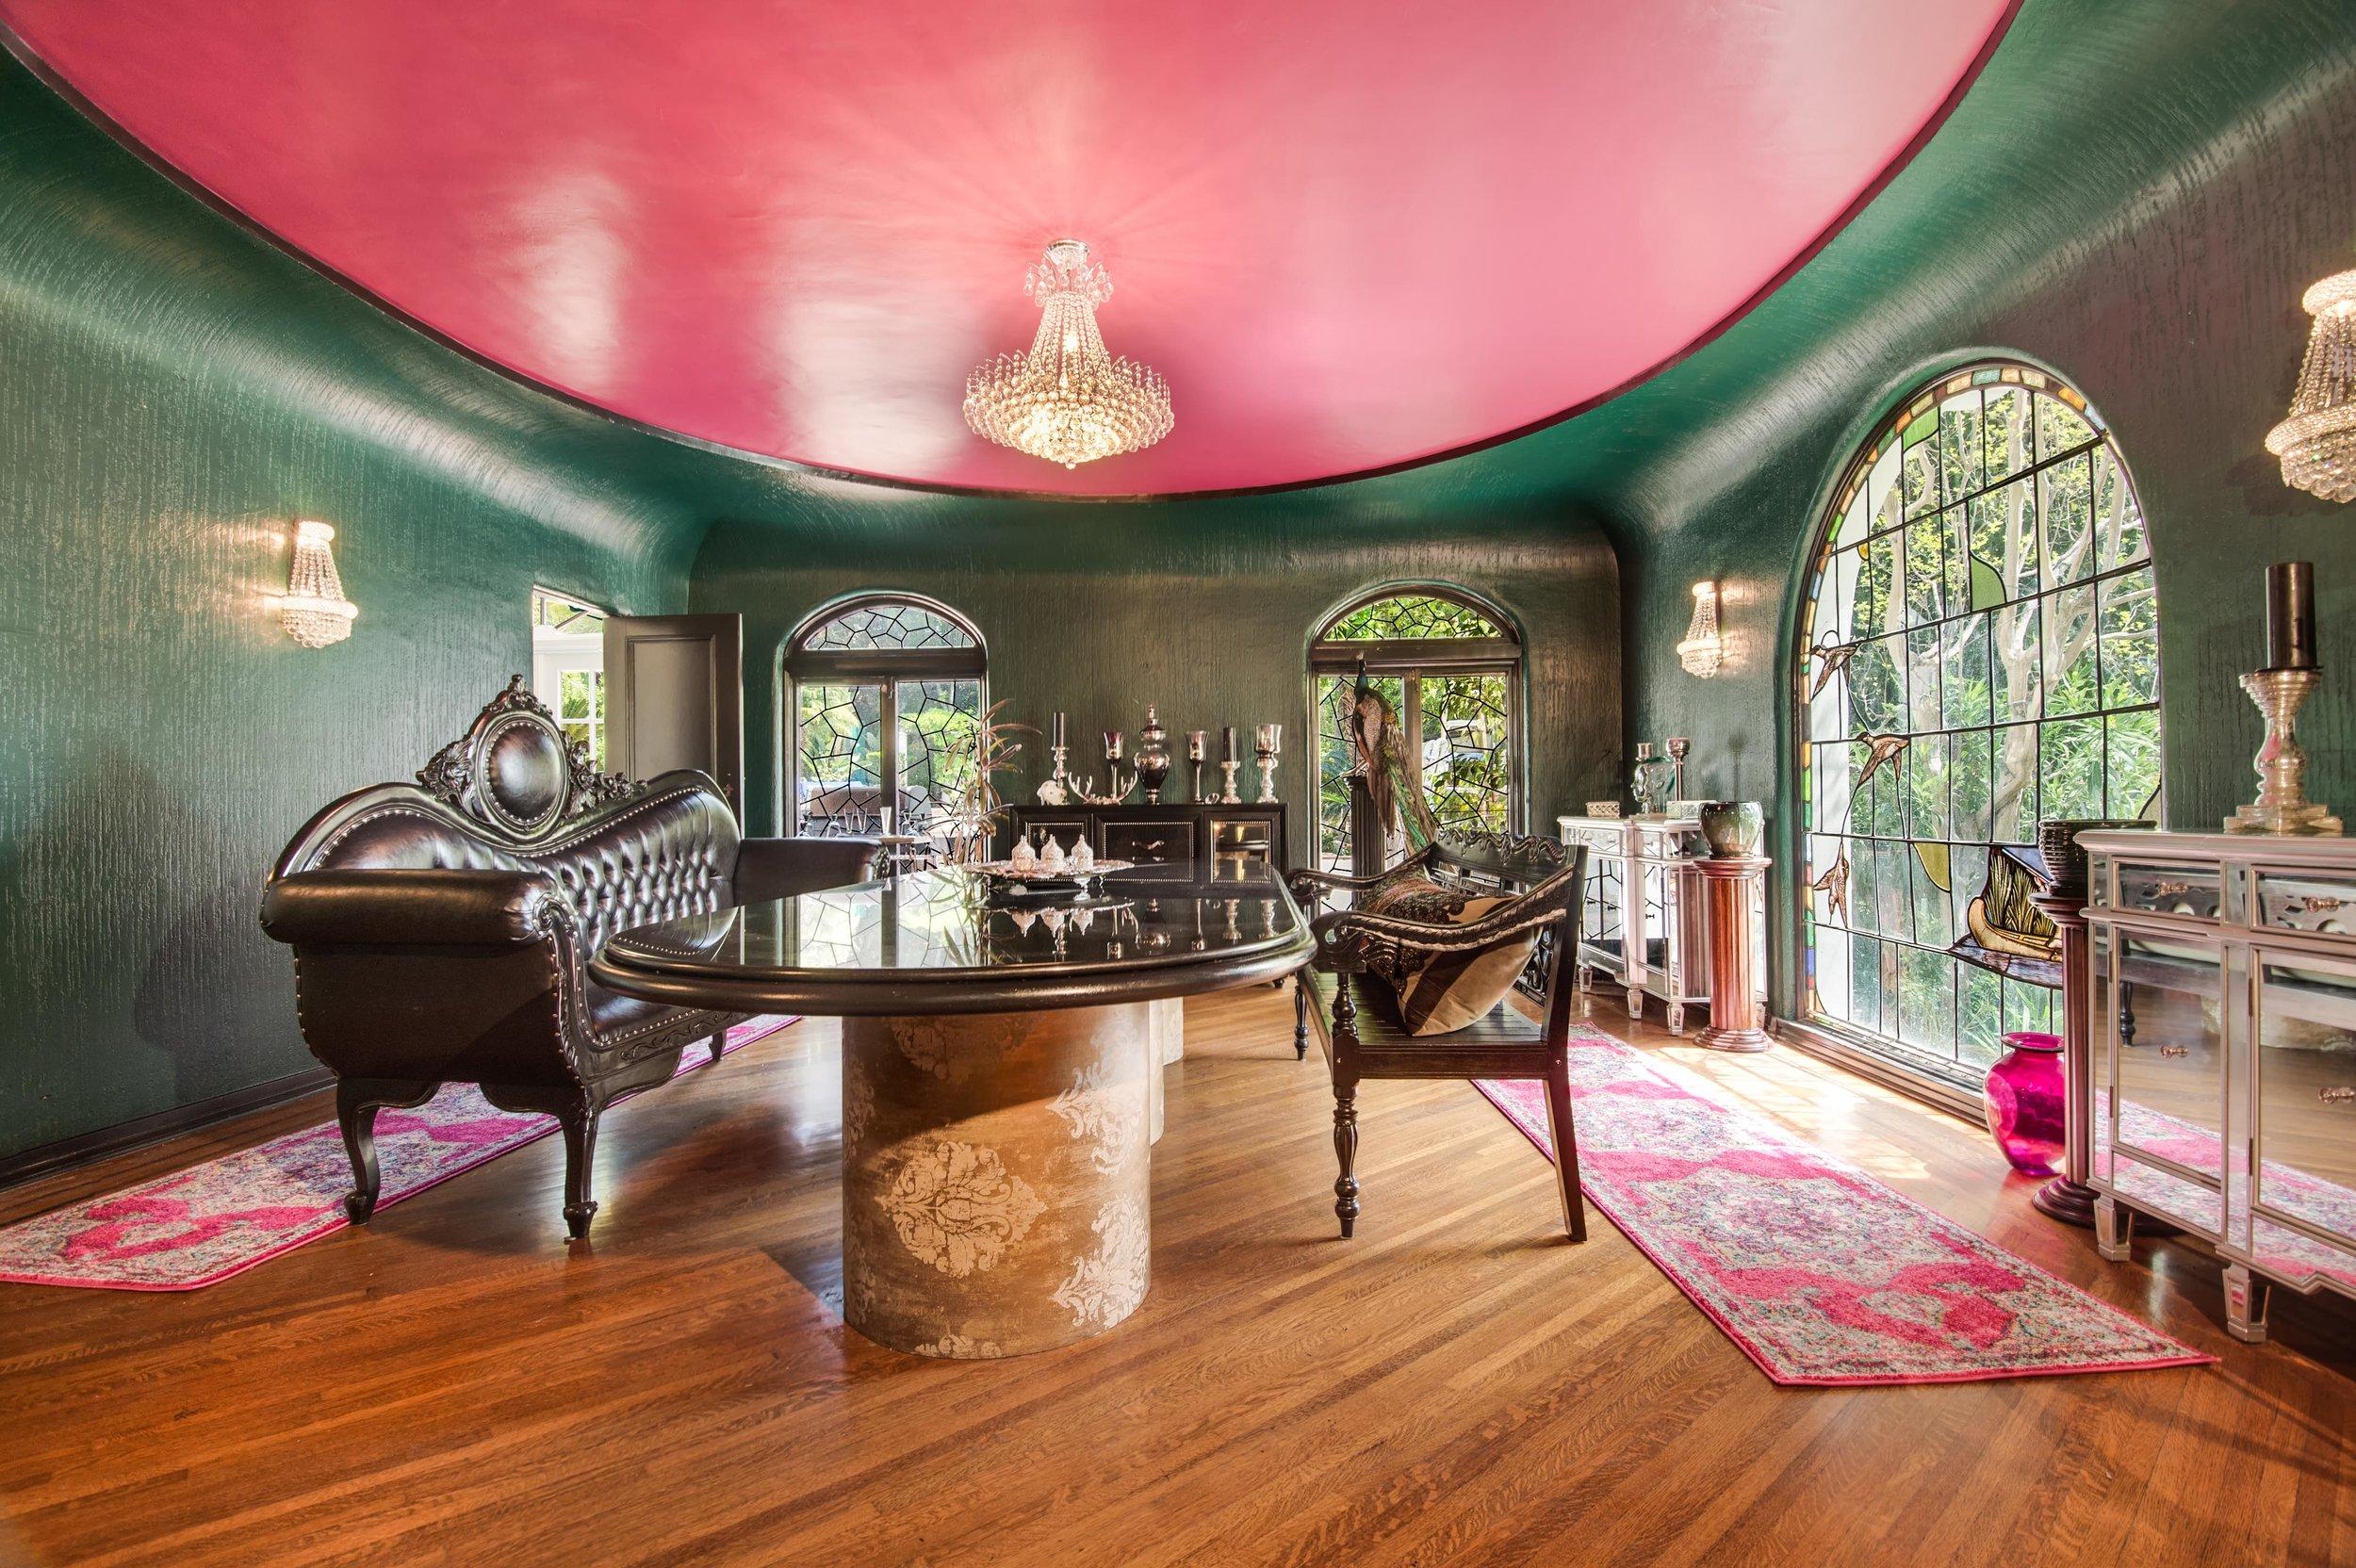 020 Living Room 006 Pool 4915 Los Feliz For Sale Los Angeles Lease The Malibu Life Team Luxury Real Estate.jpg